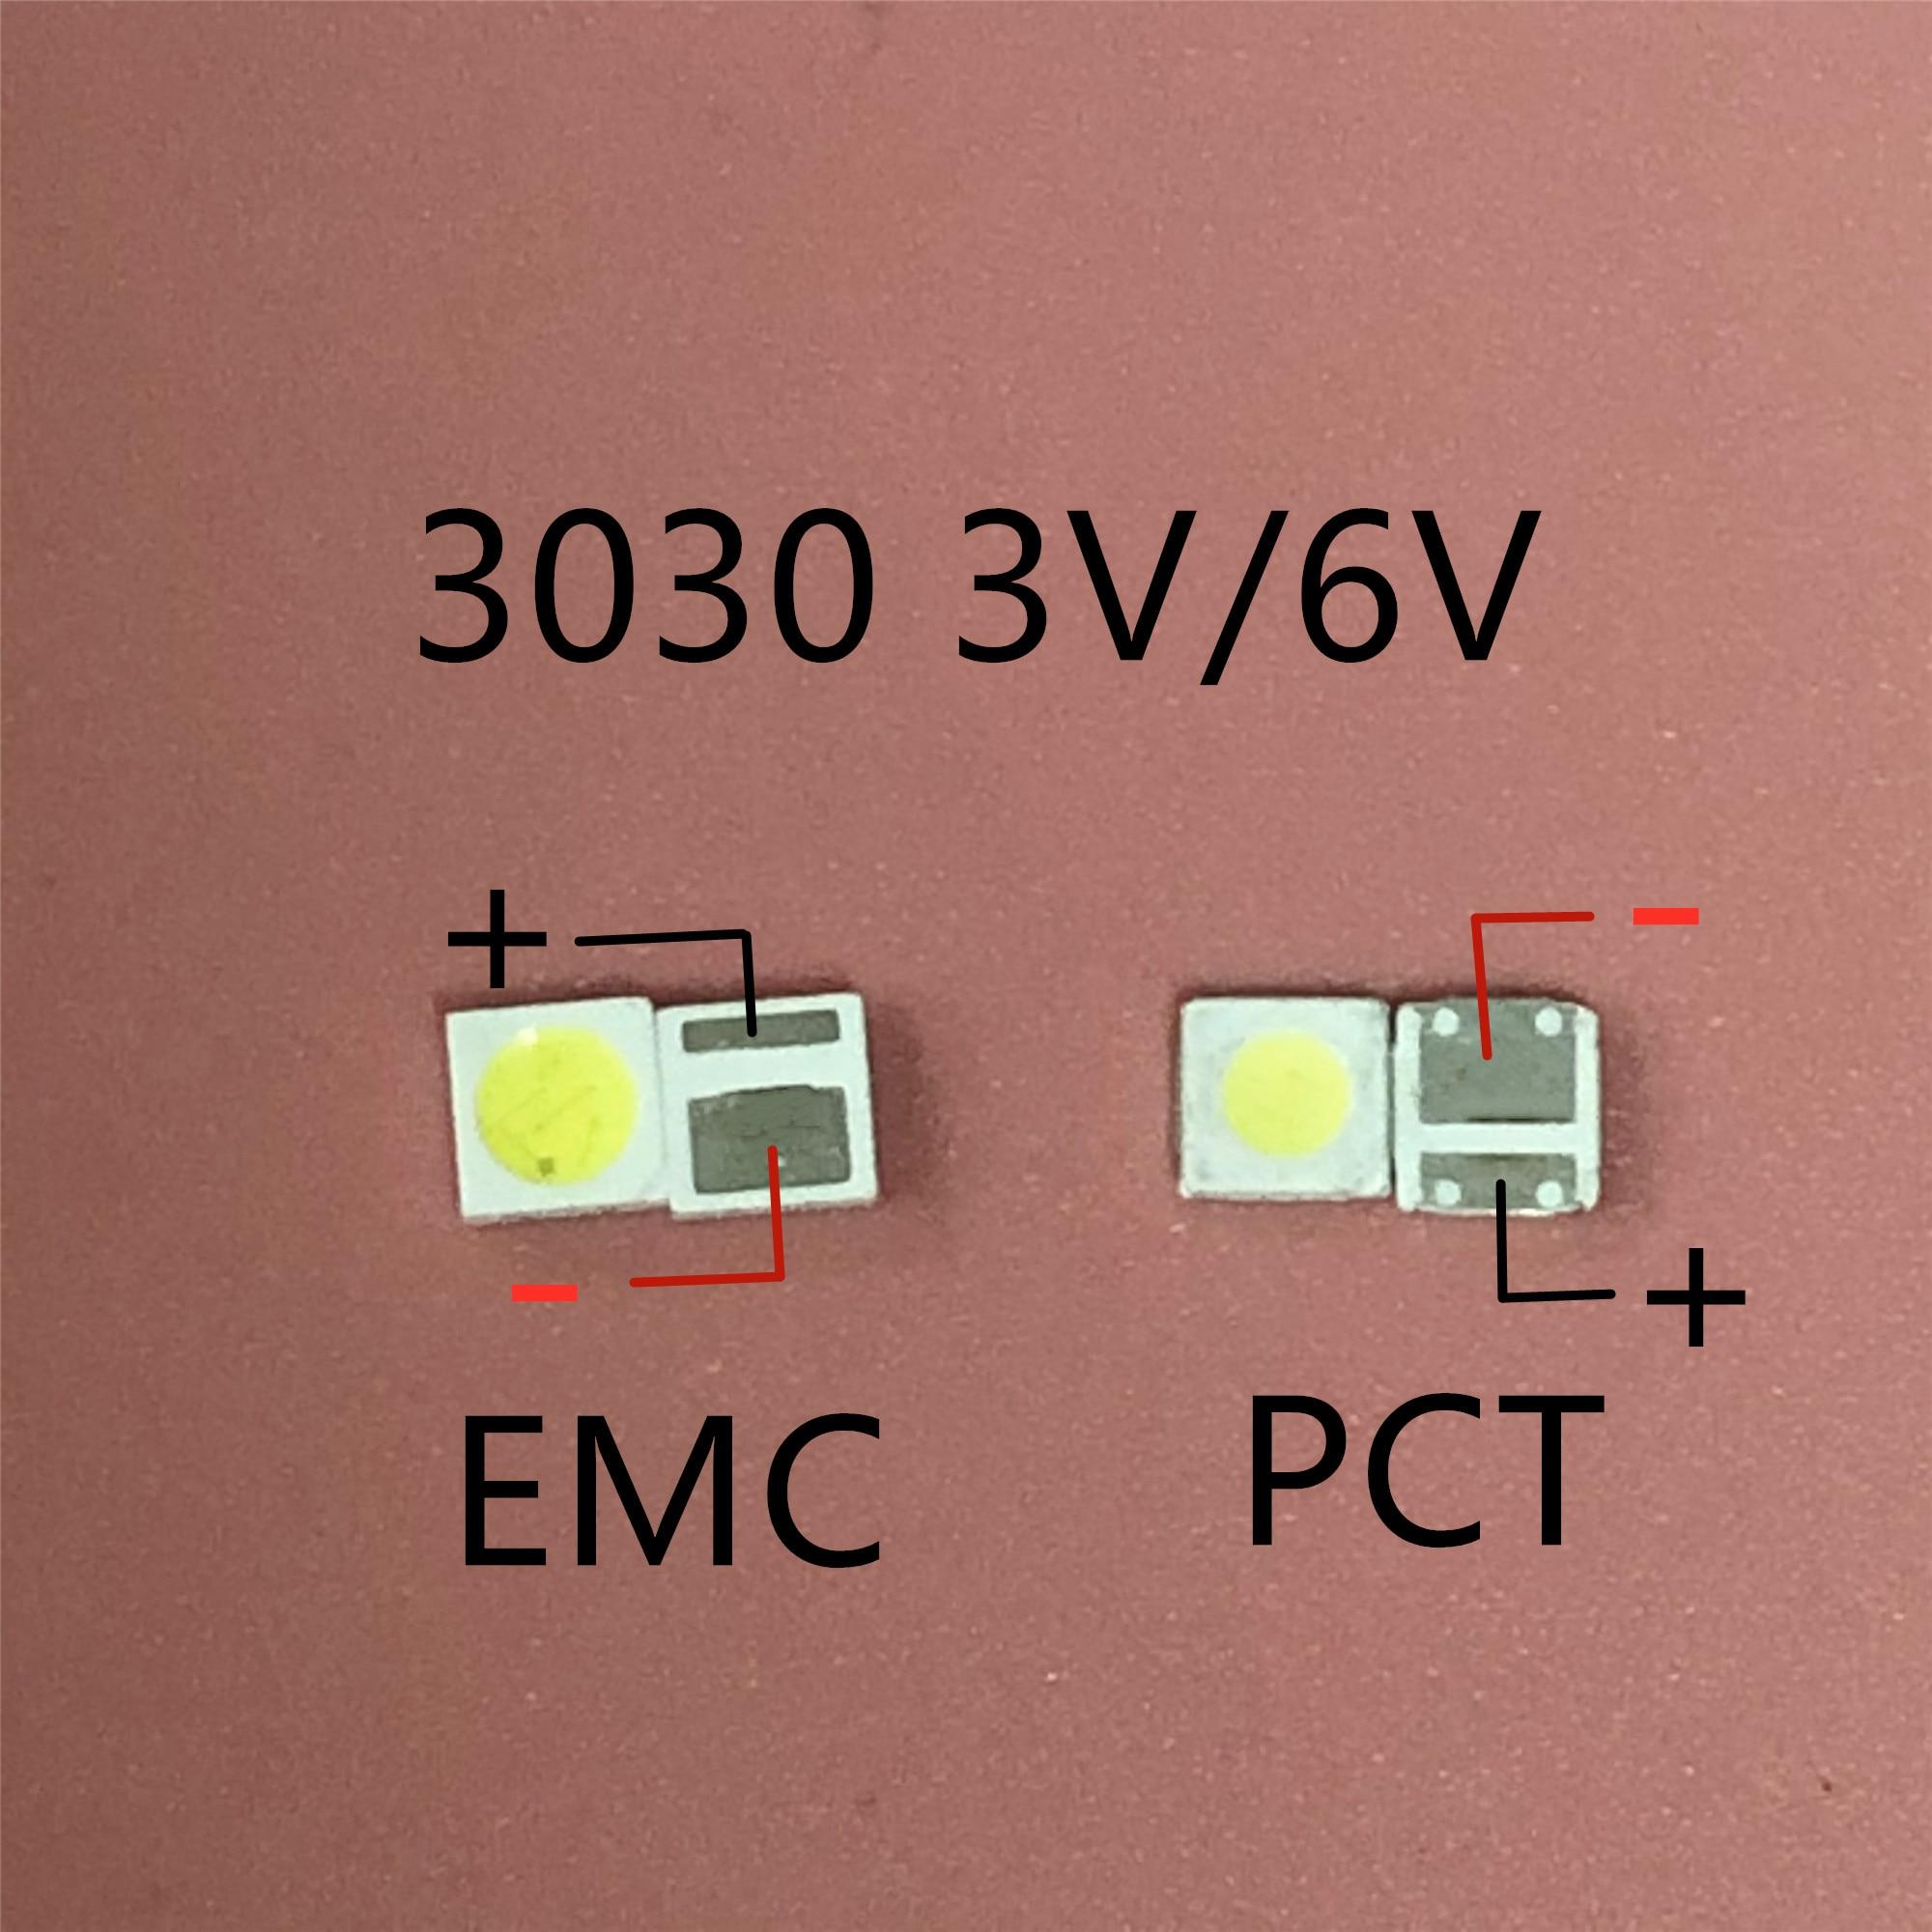 Светодиодный светильник с подсветкой, 1 Вт, 1,5 Вт, 2 Вт, 3030, 3 в, 6 в, холодный белый, 80-90 лм, для ТВ-приложения, новый PCT, EMC, светодиодный, 3 в